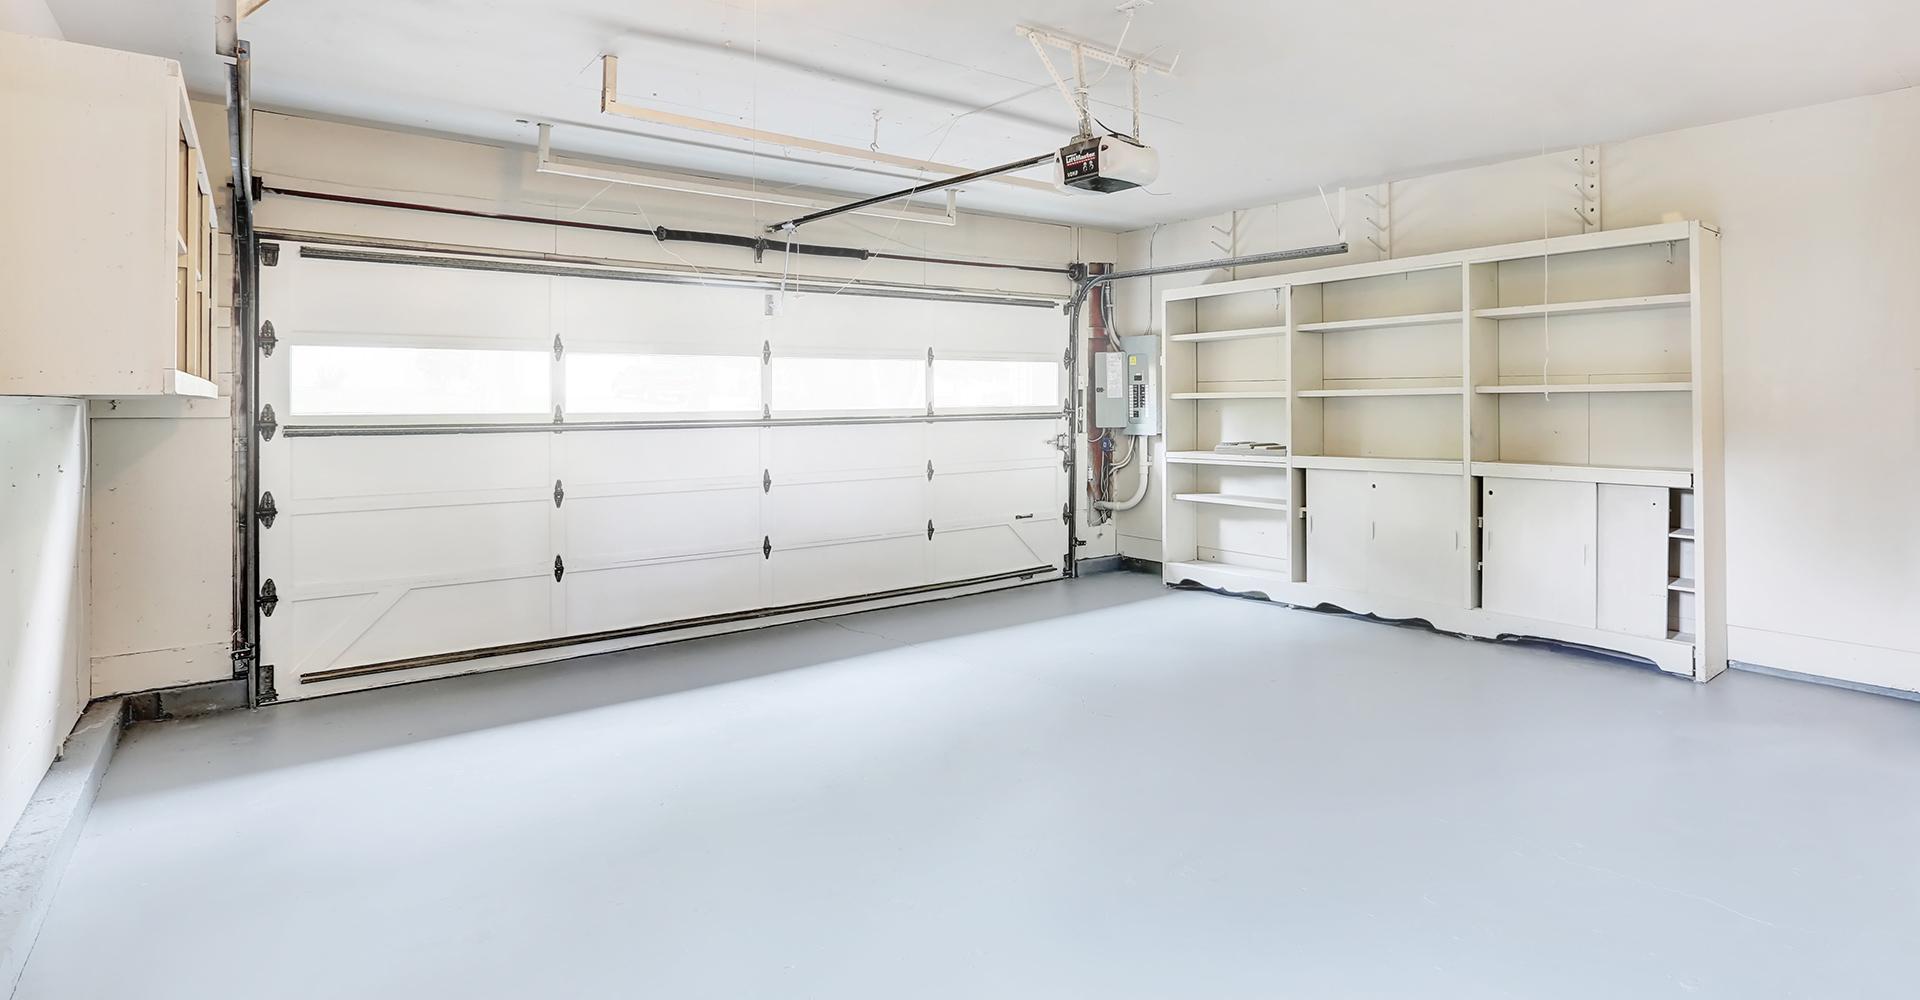 Privater Bereich / Garage